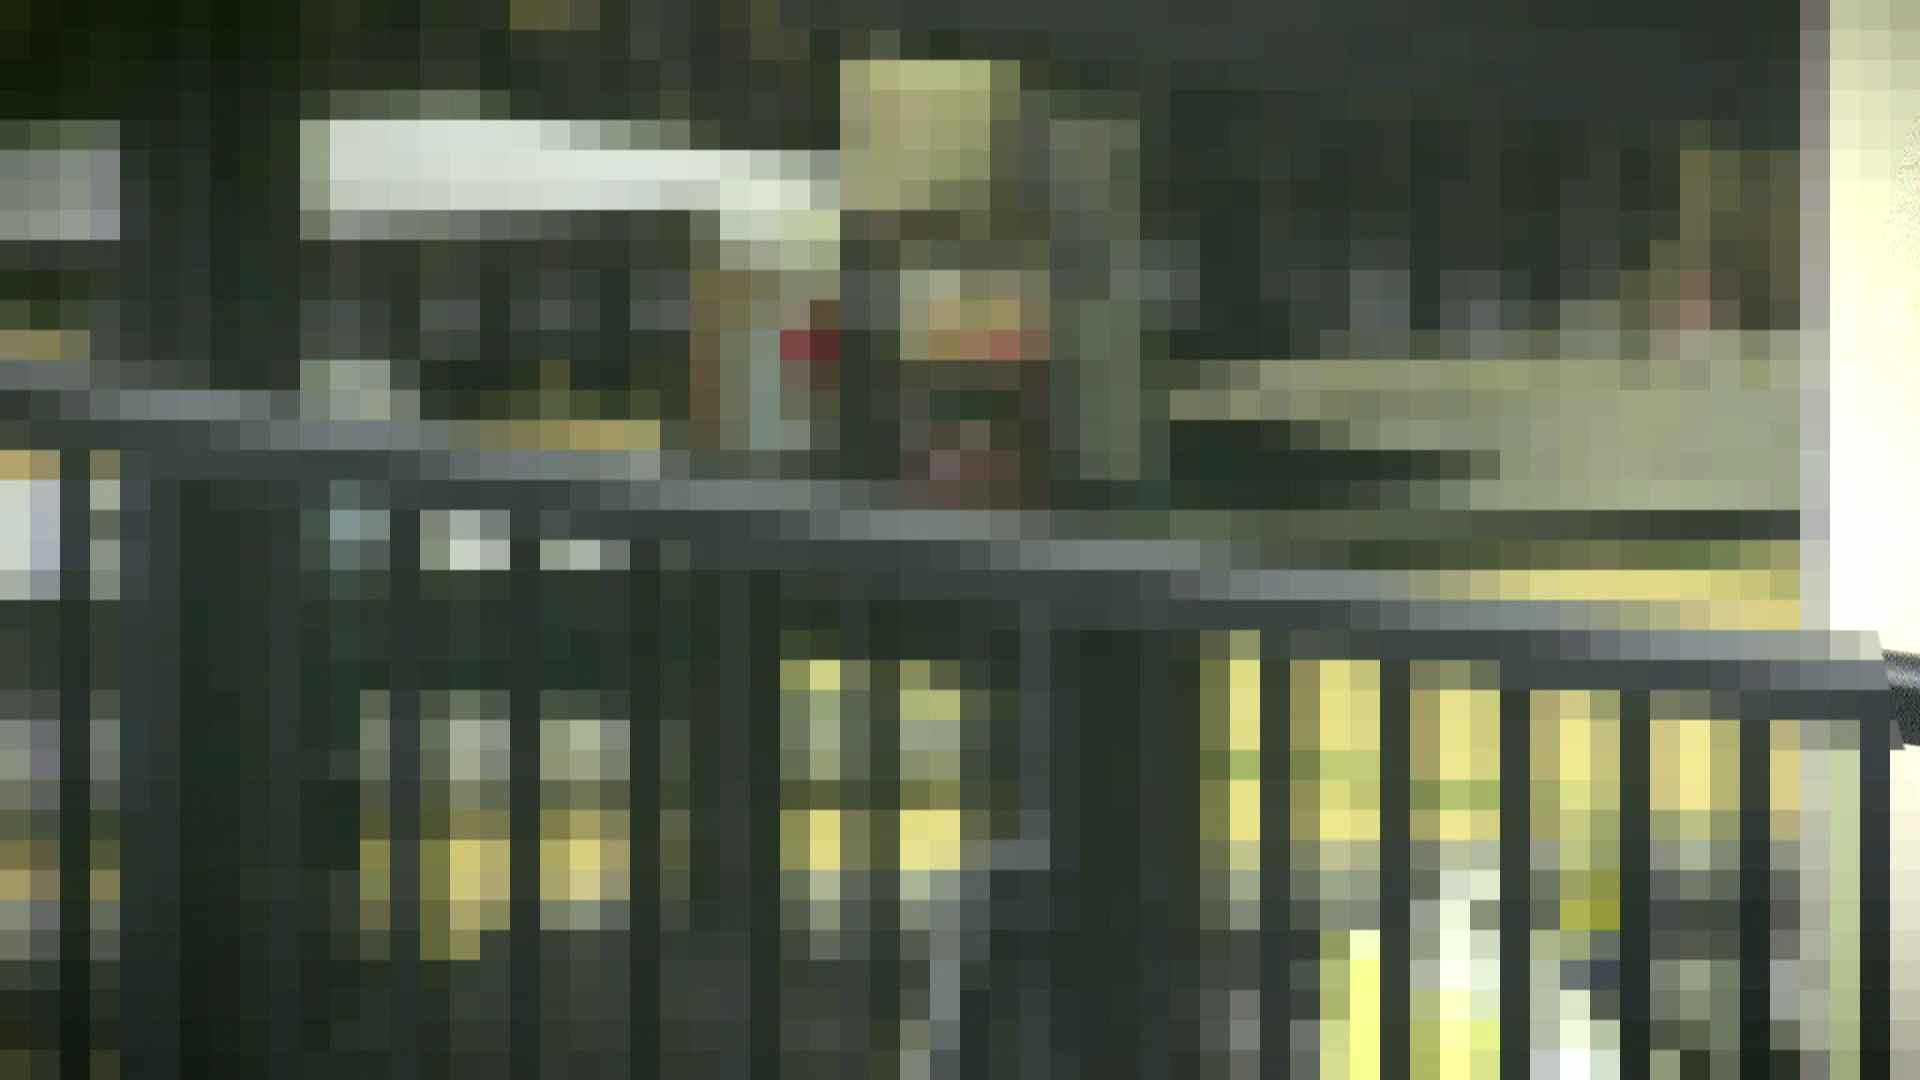 高画質露天女風呂観察 vol.006 露天風呂編 オメコ無修正動画無料 98PIX 20